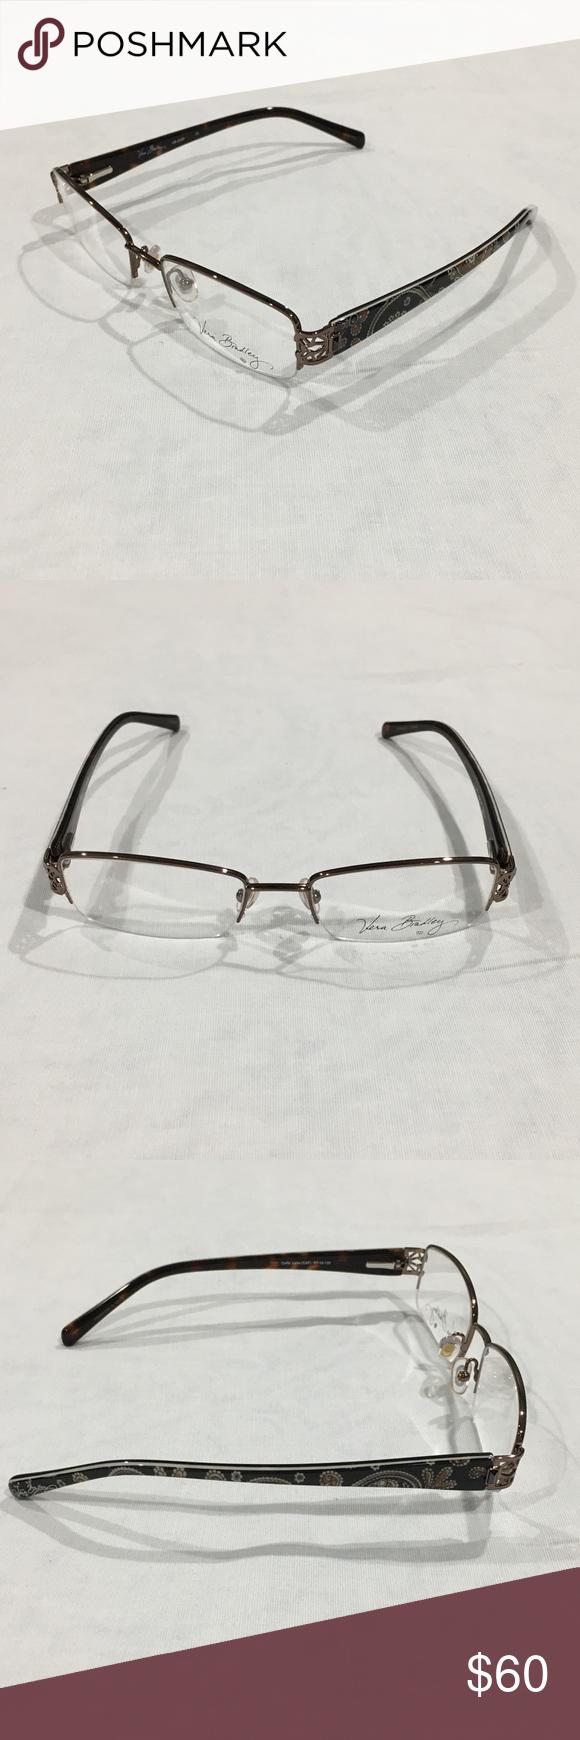 d85e882c3f0 Vera Bradley Caffe Latte VB 3030 Eyeglass Frames Item Description  Vera  Bradley Caffe Latte VB